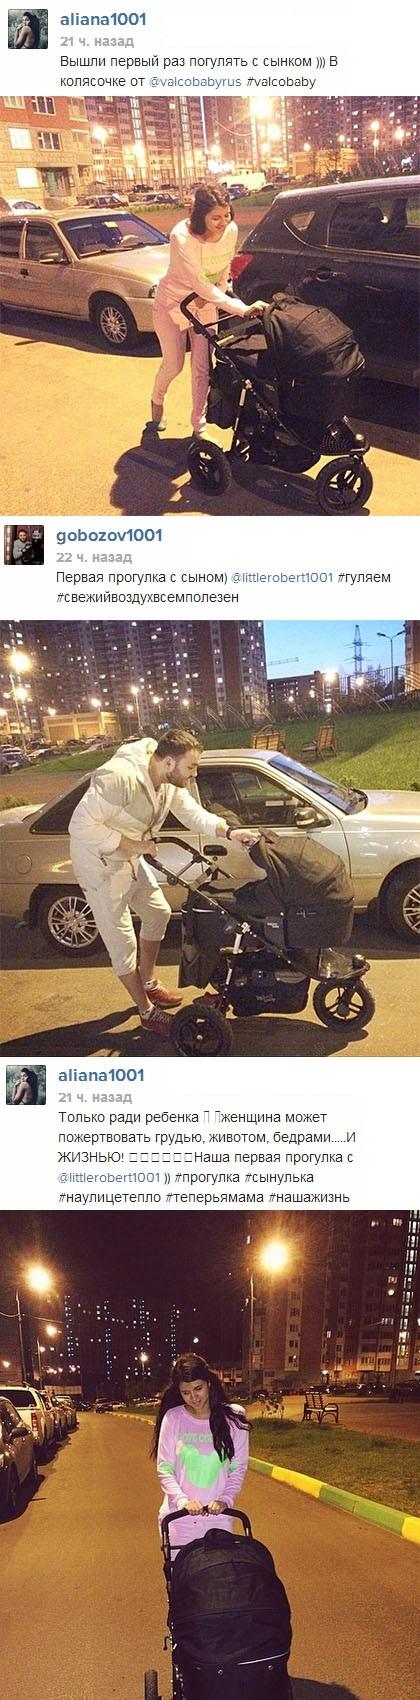 Первая прогулка Алианы Устиненко и Александра Гобозова с сыном